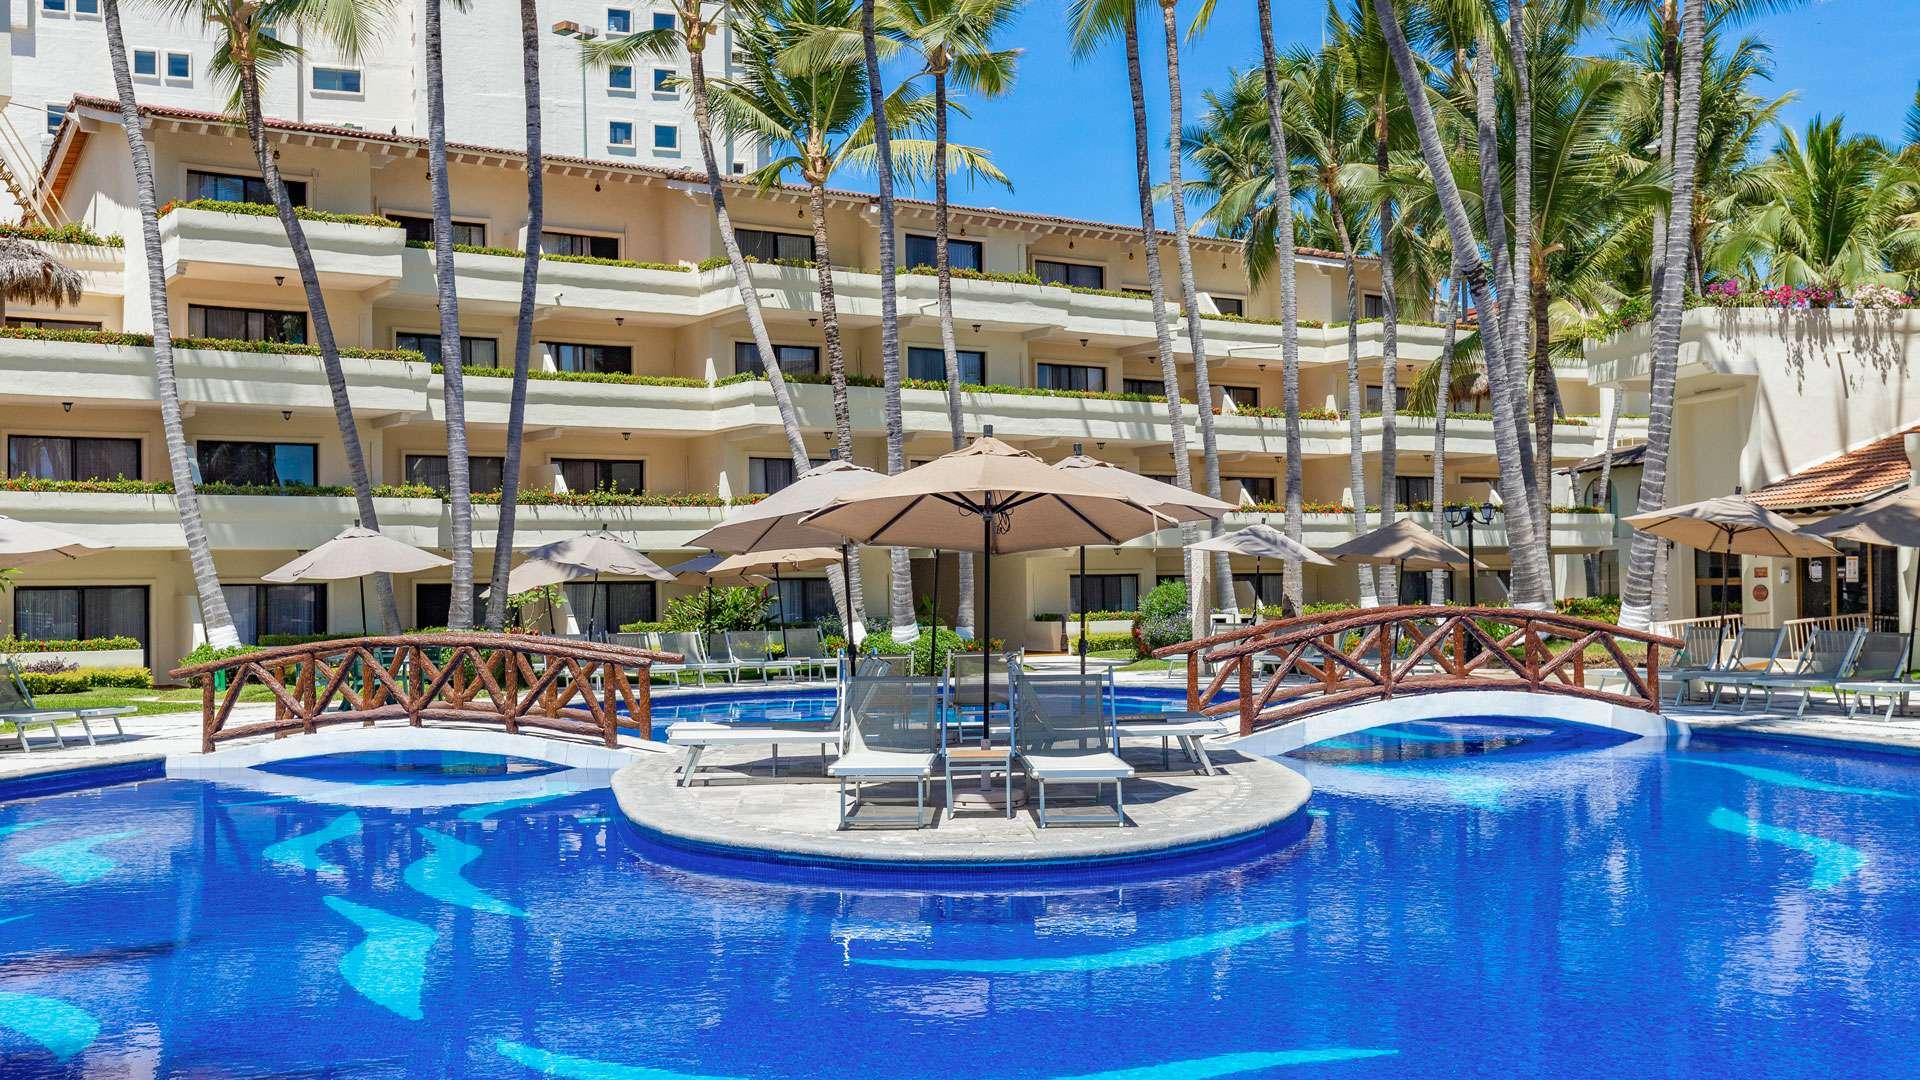 Optimizada villa del mar puerto vallarta pool 5